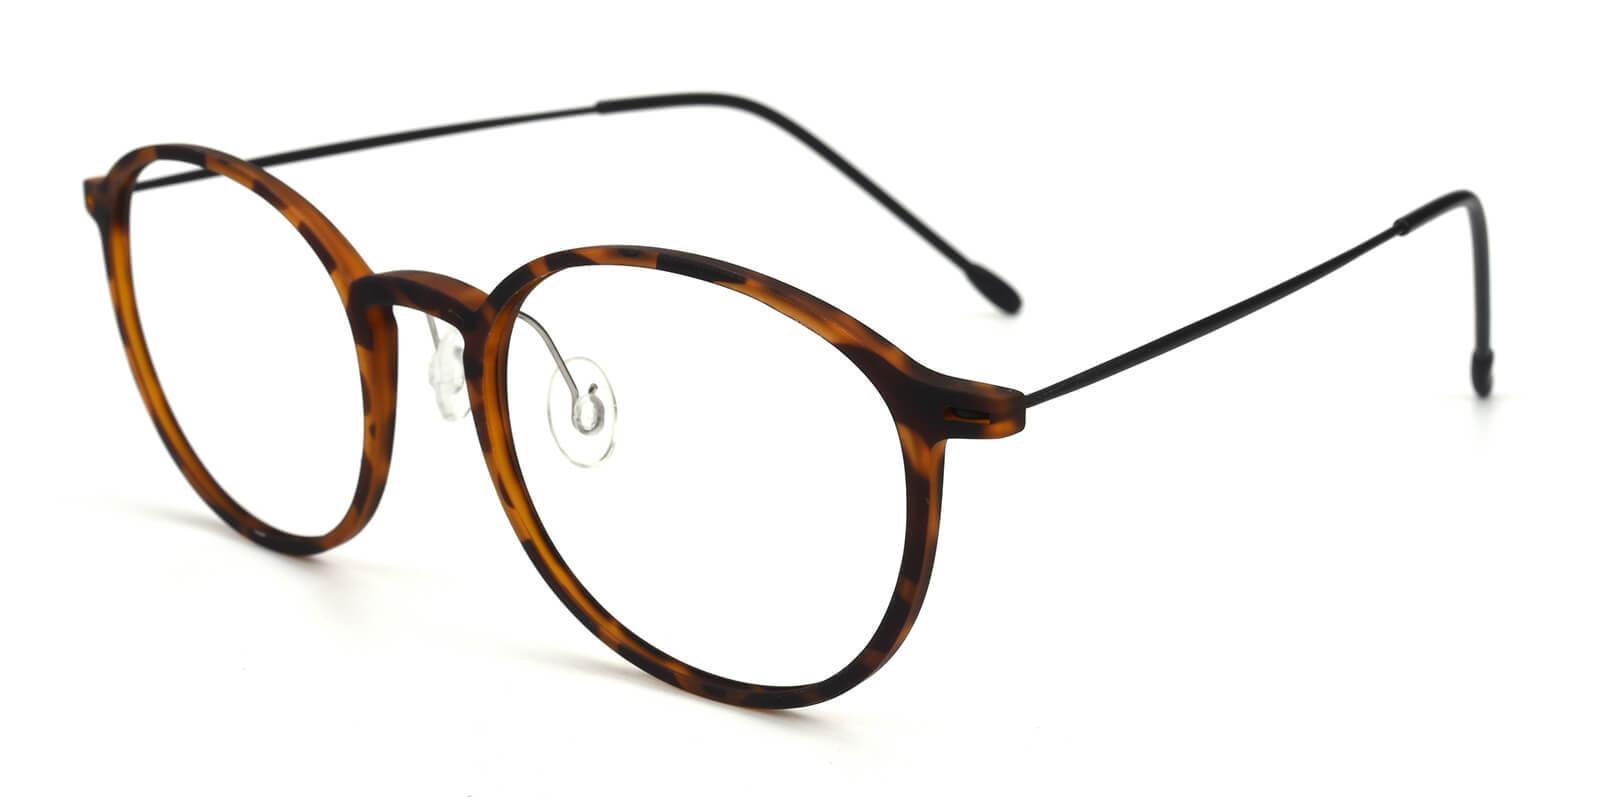 Yunda-Tortoise-Round-Combination-Eyeglasses-additional1